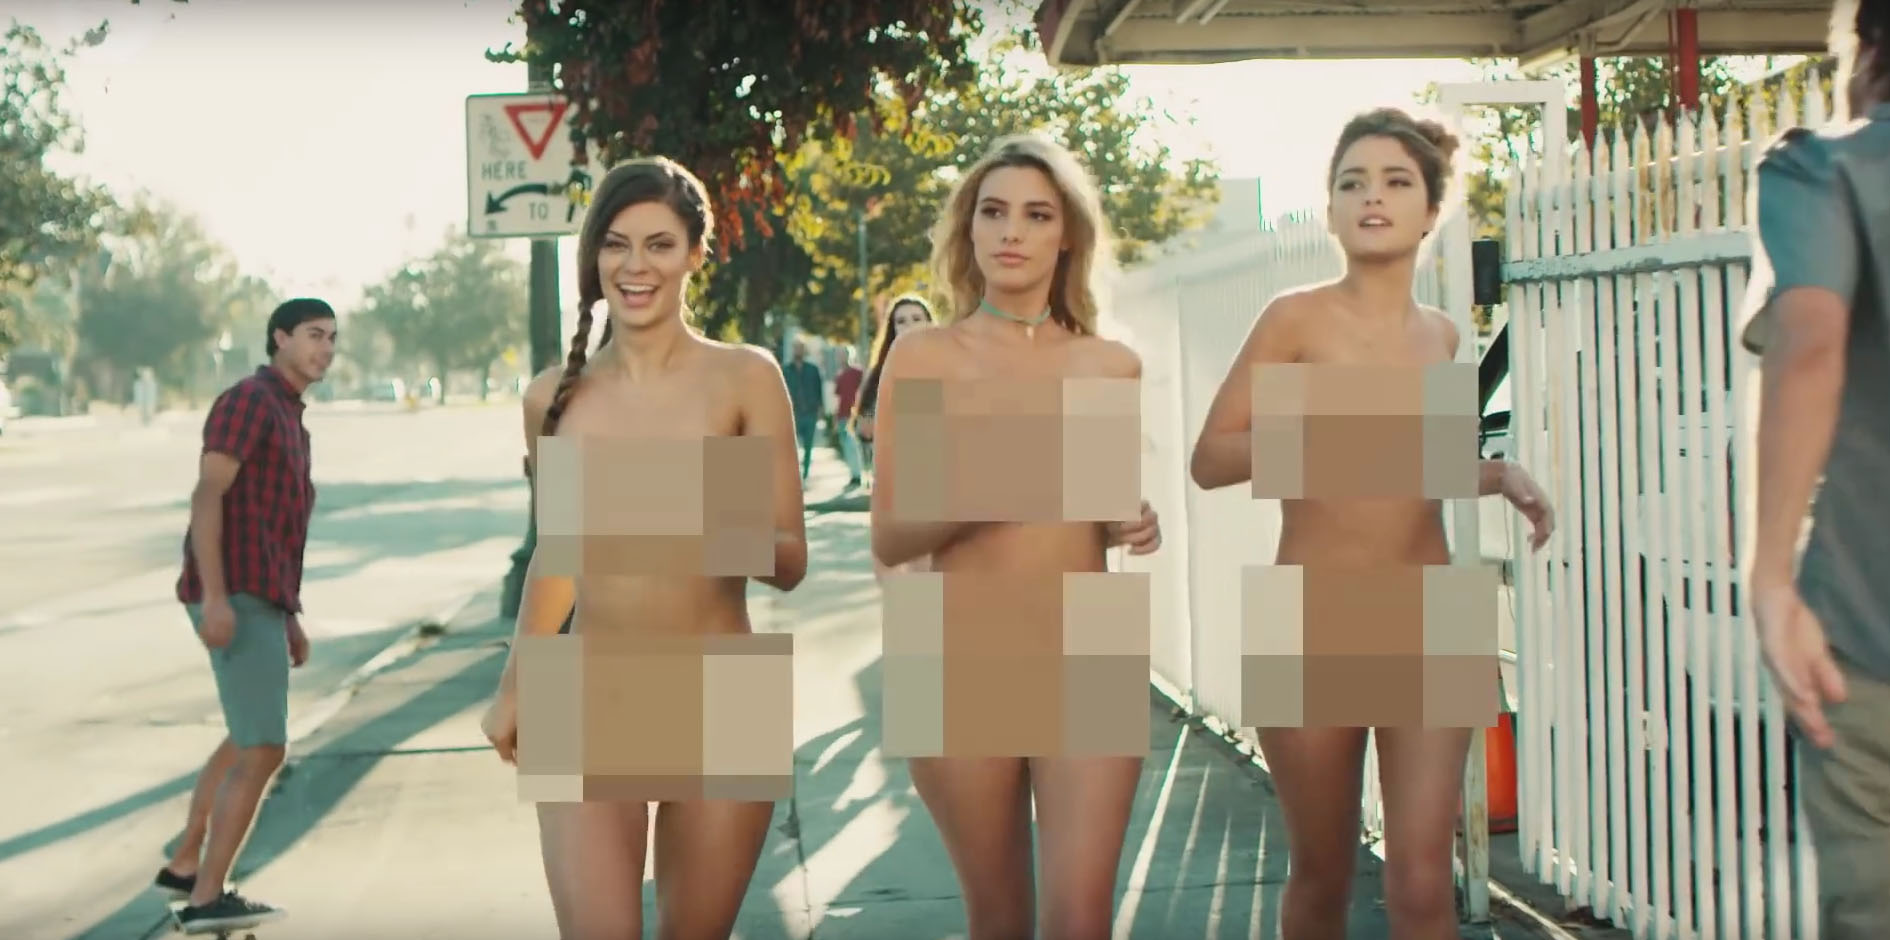 Statt den Bandmitgliedern laufen nun drei nackte Frauen durch das Video.